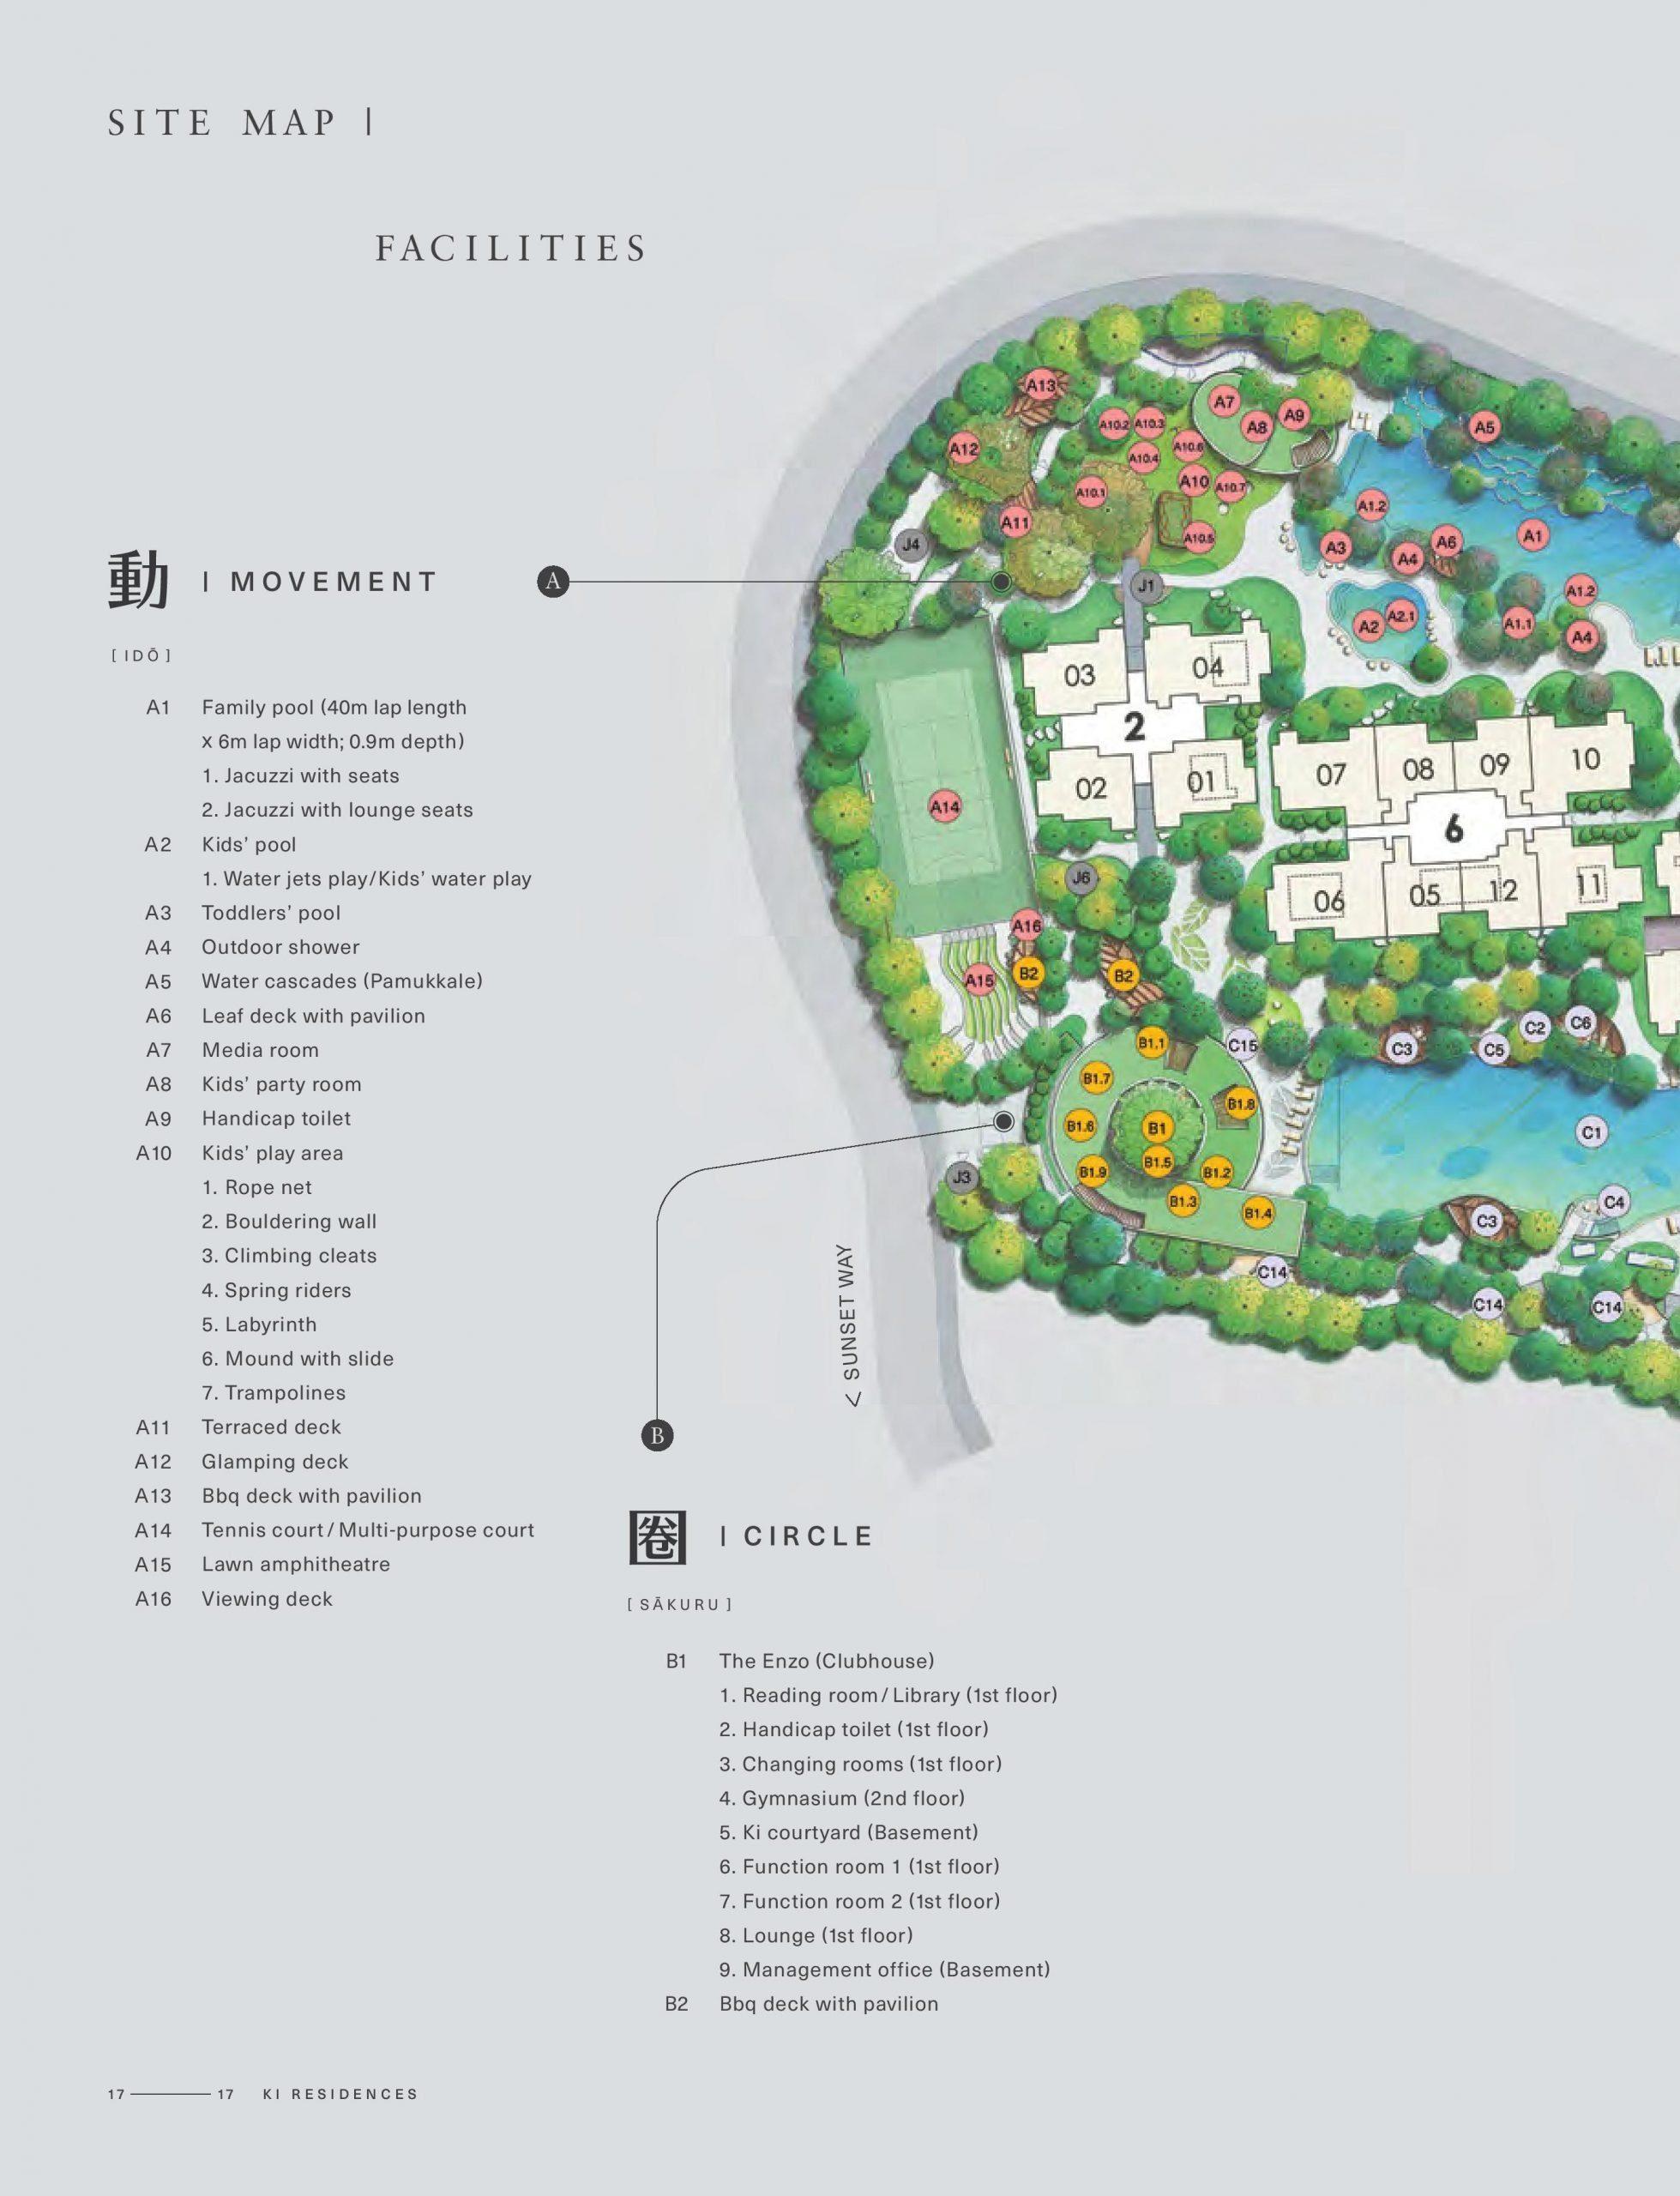 Ki Residences Site Plan 1 scaled